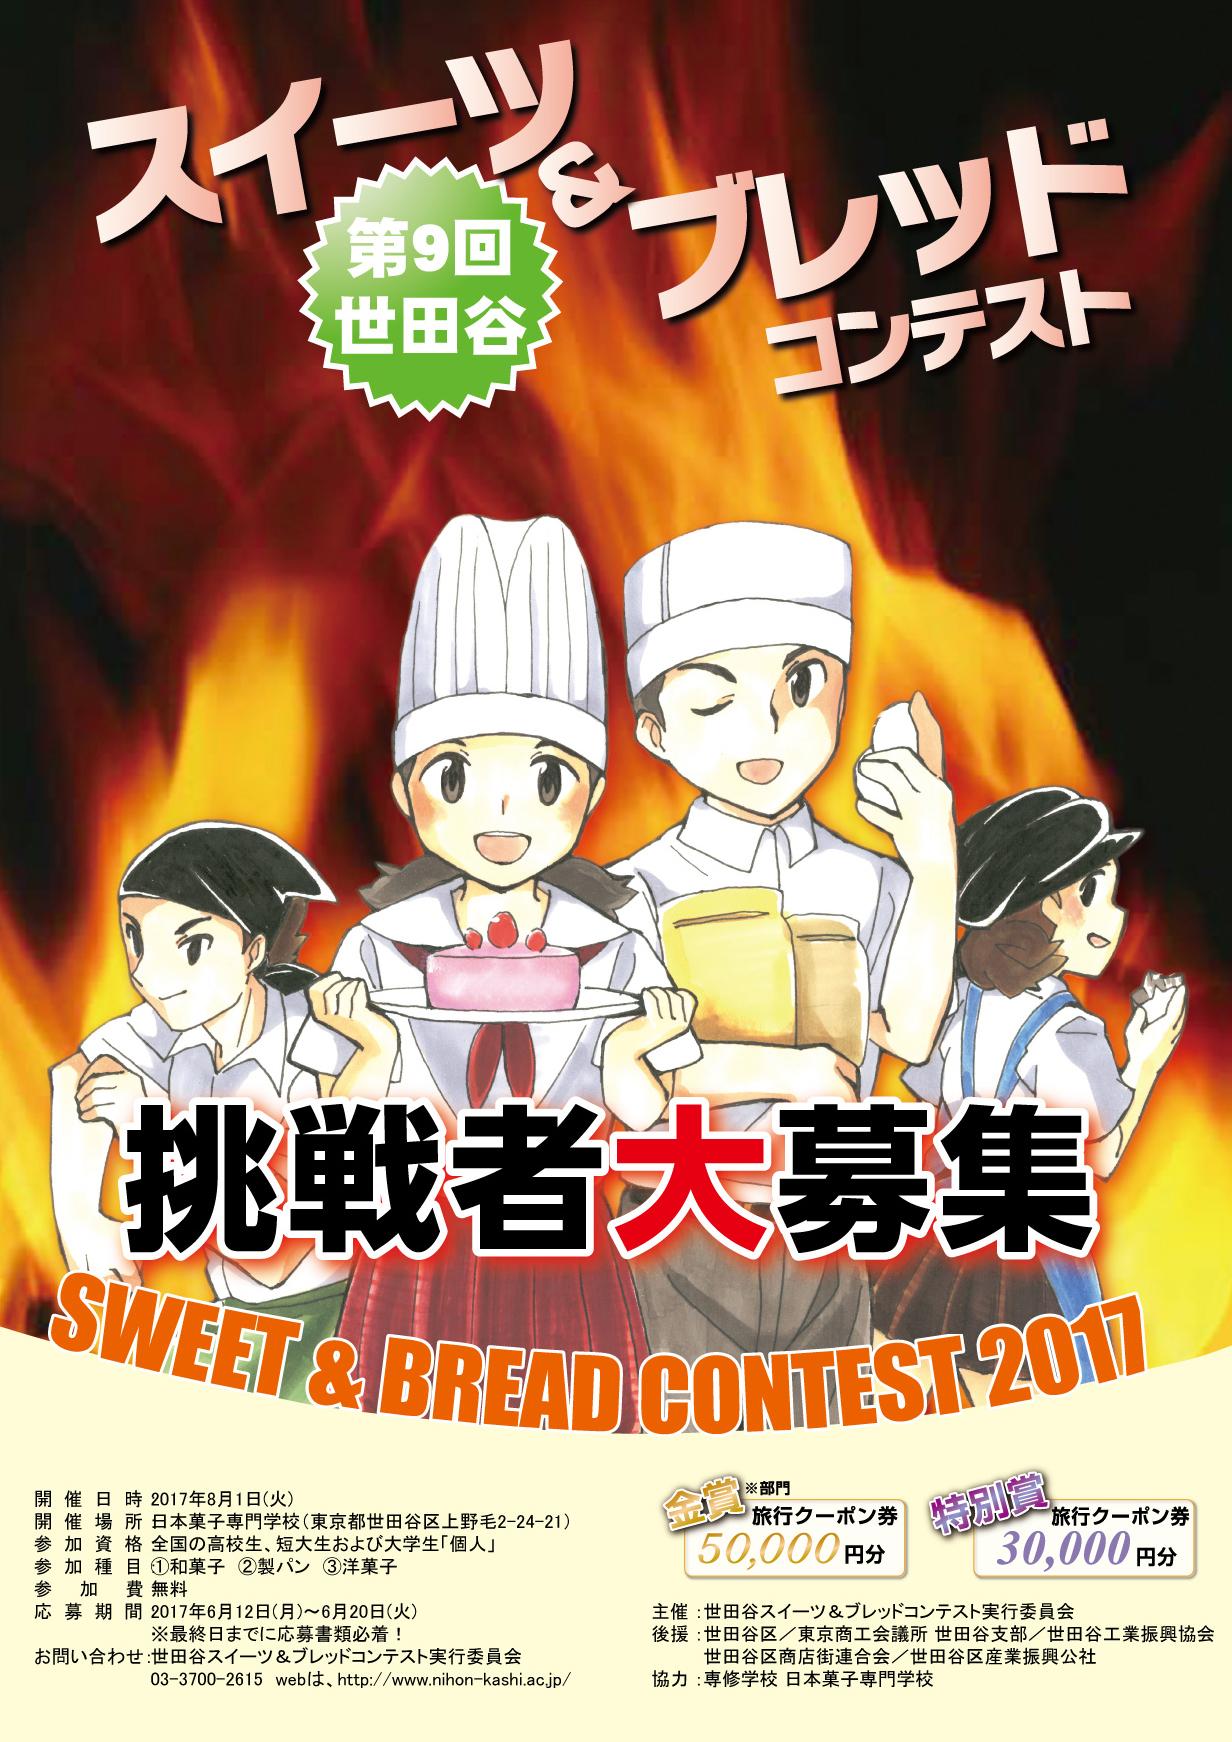 第9回世田谷スイーツ&ブレッドコンテスト!